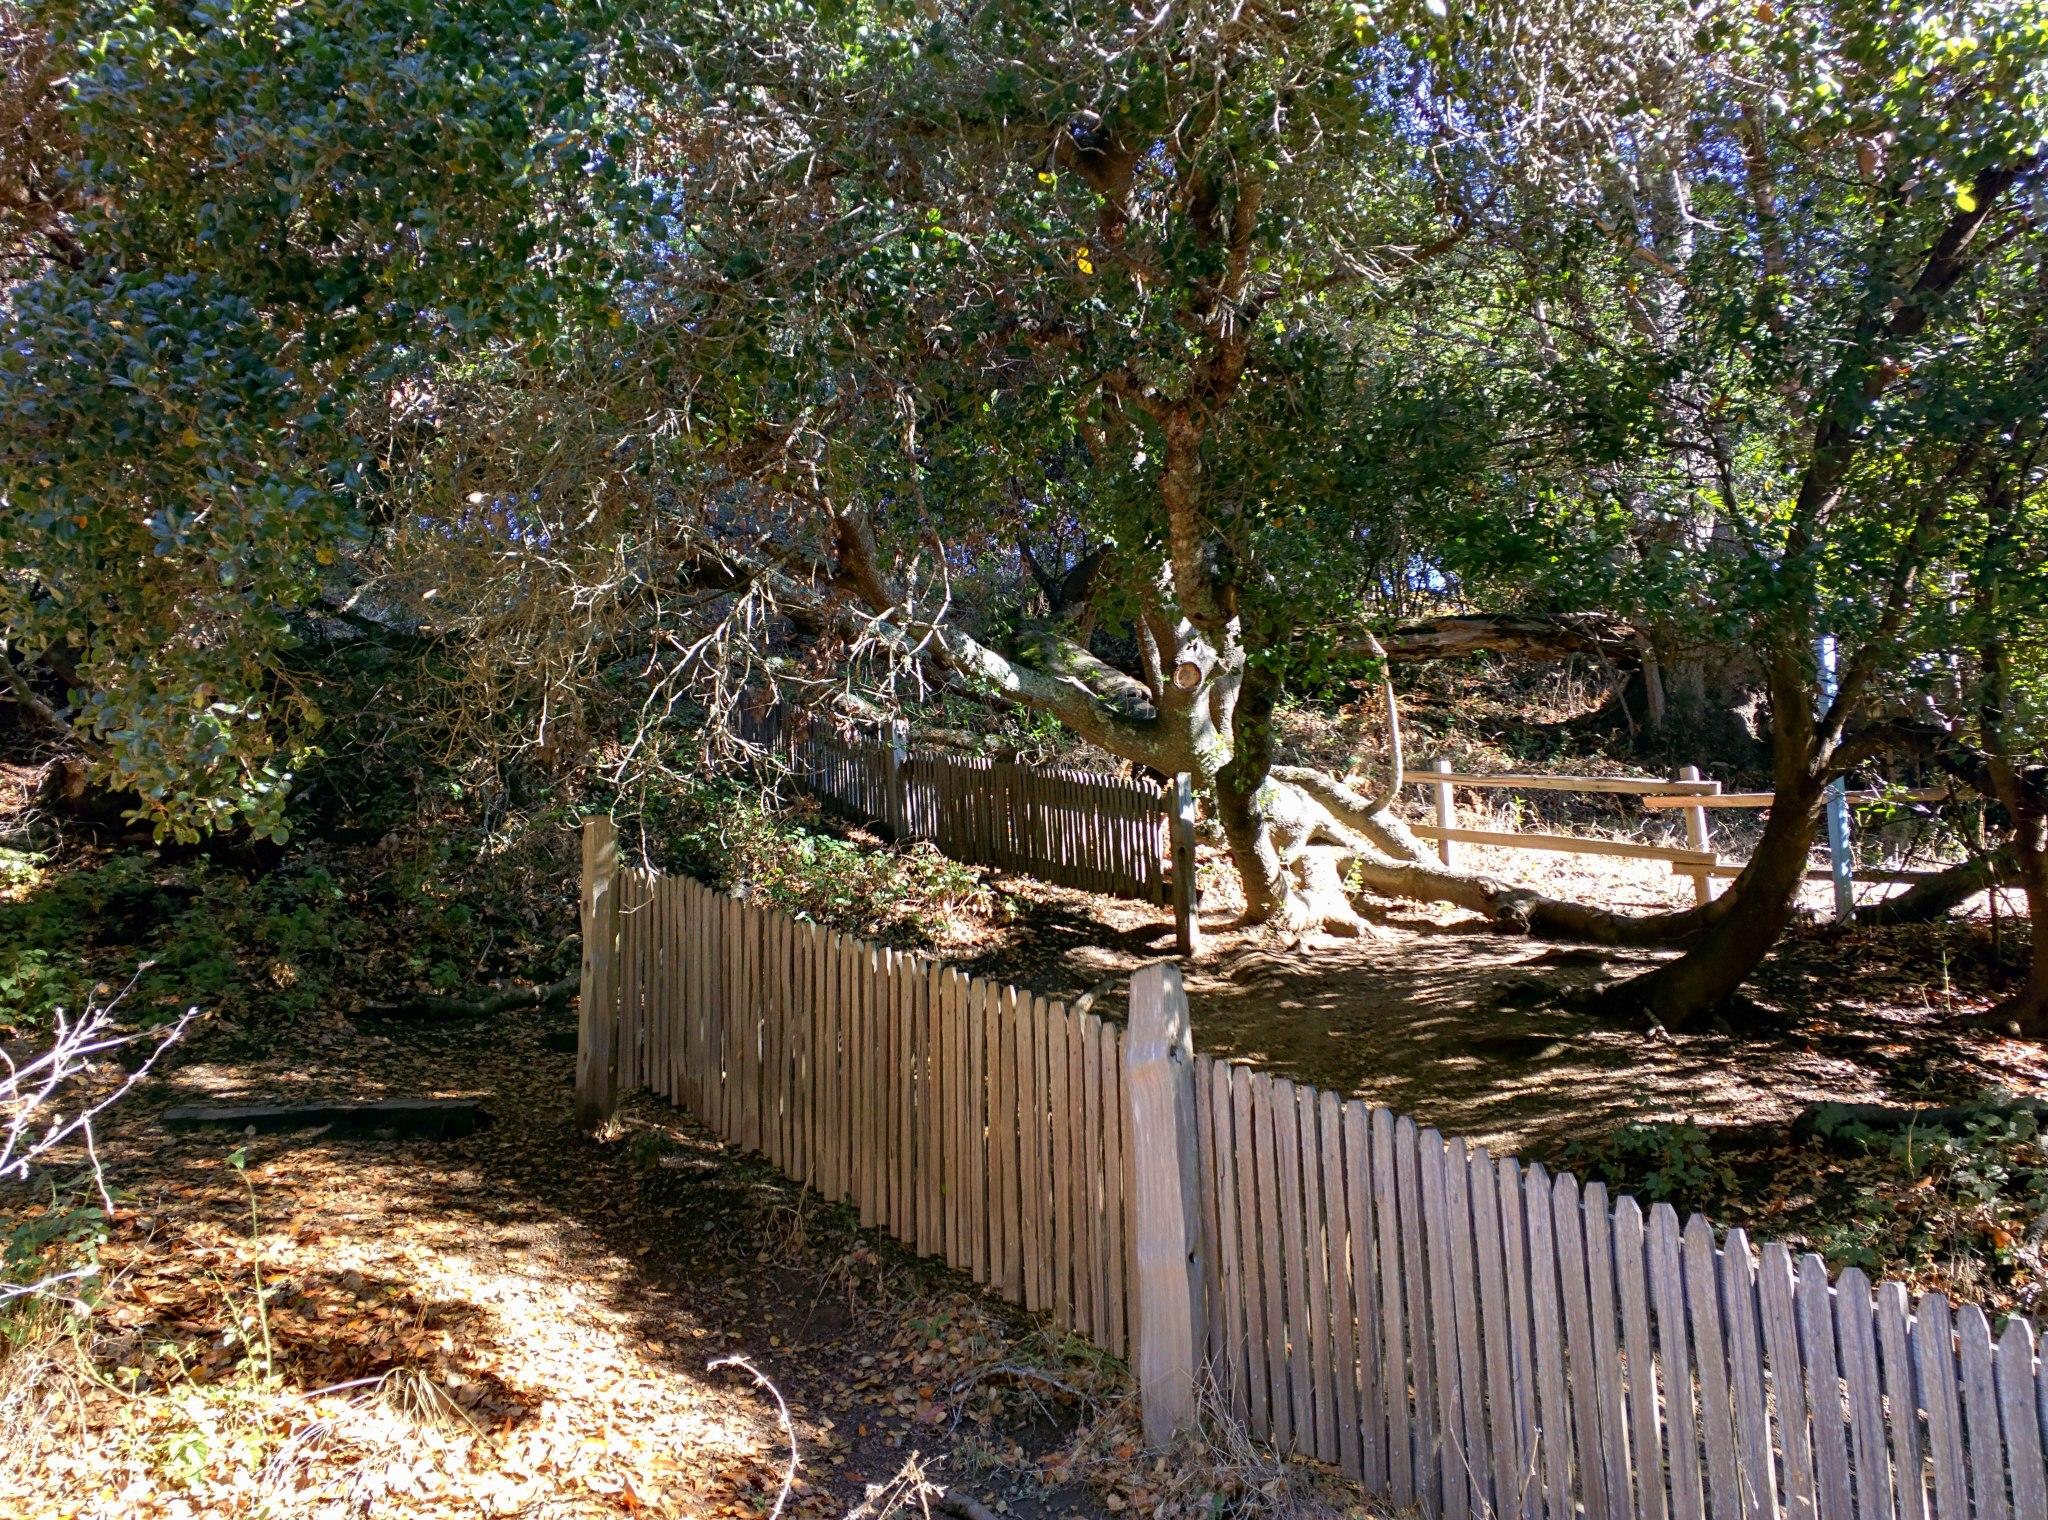 La staccionata separata dal terremoto del 1906 lungo l'Earthquake trail.